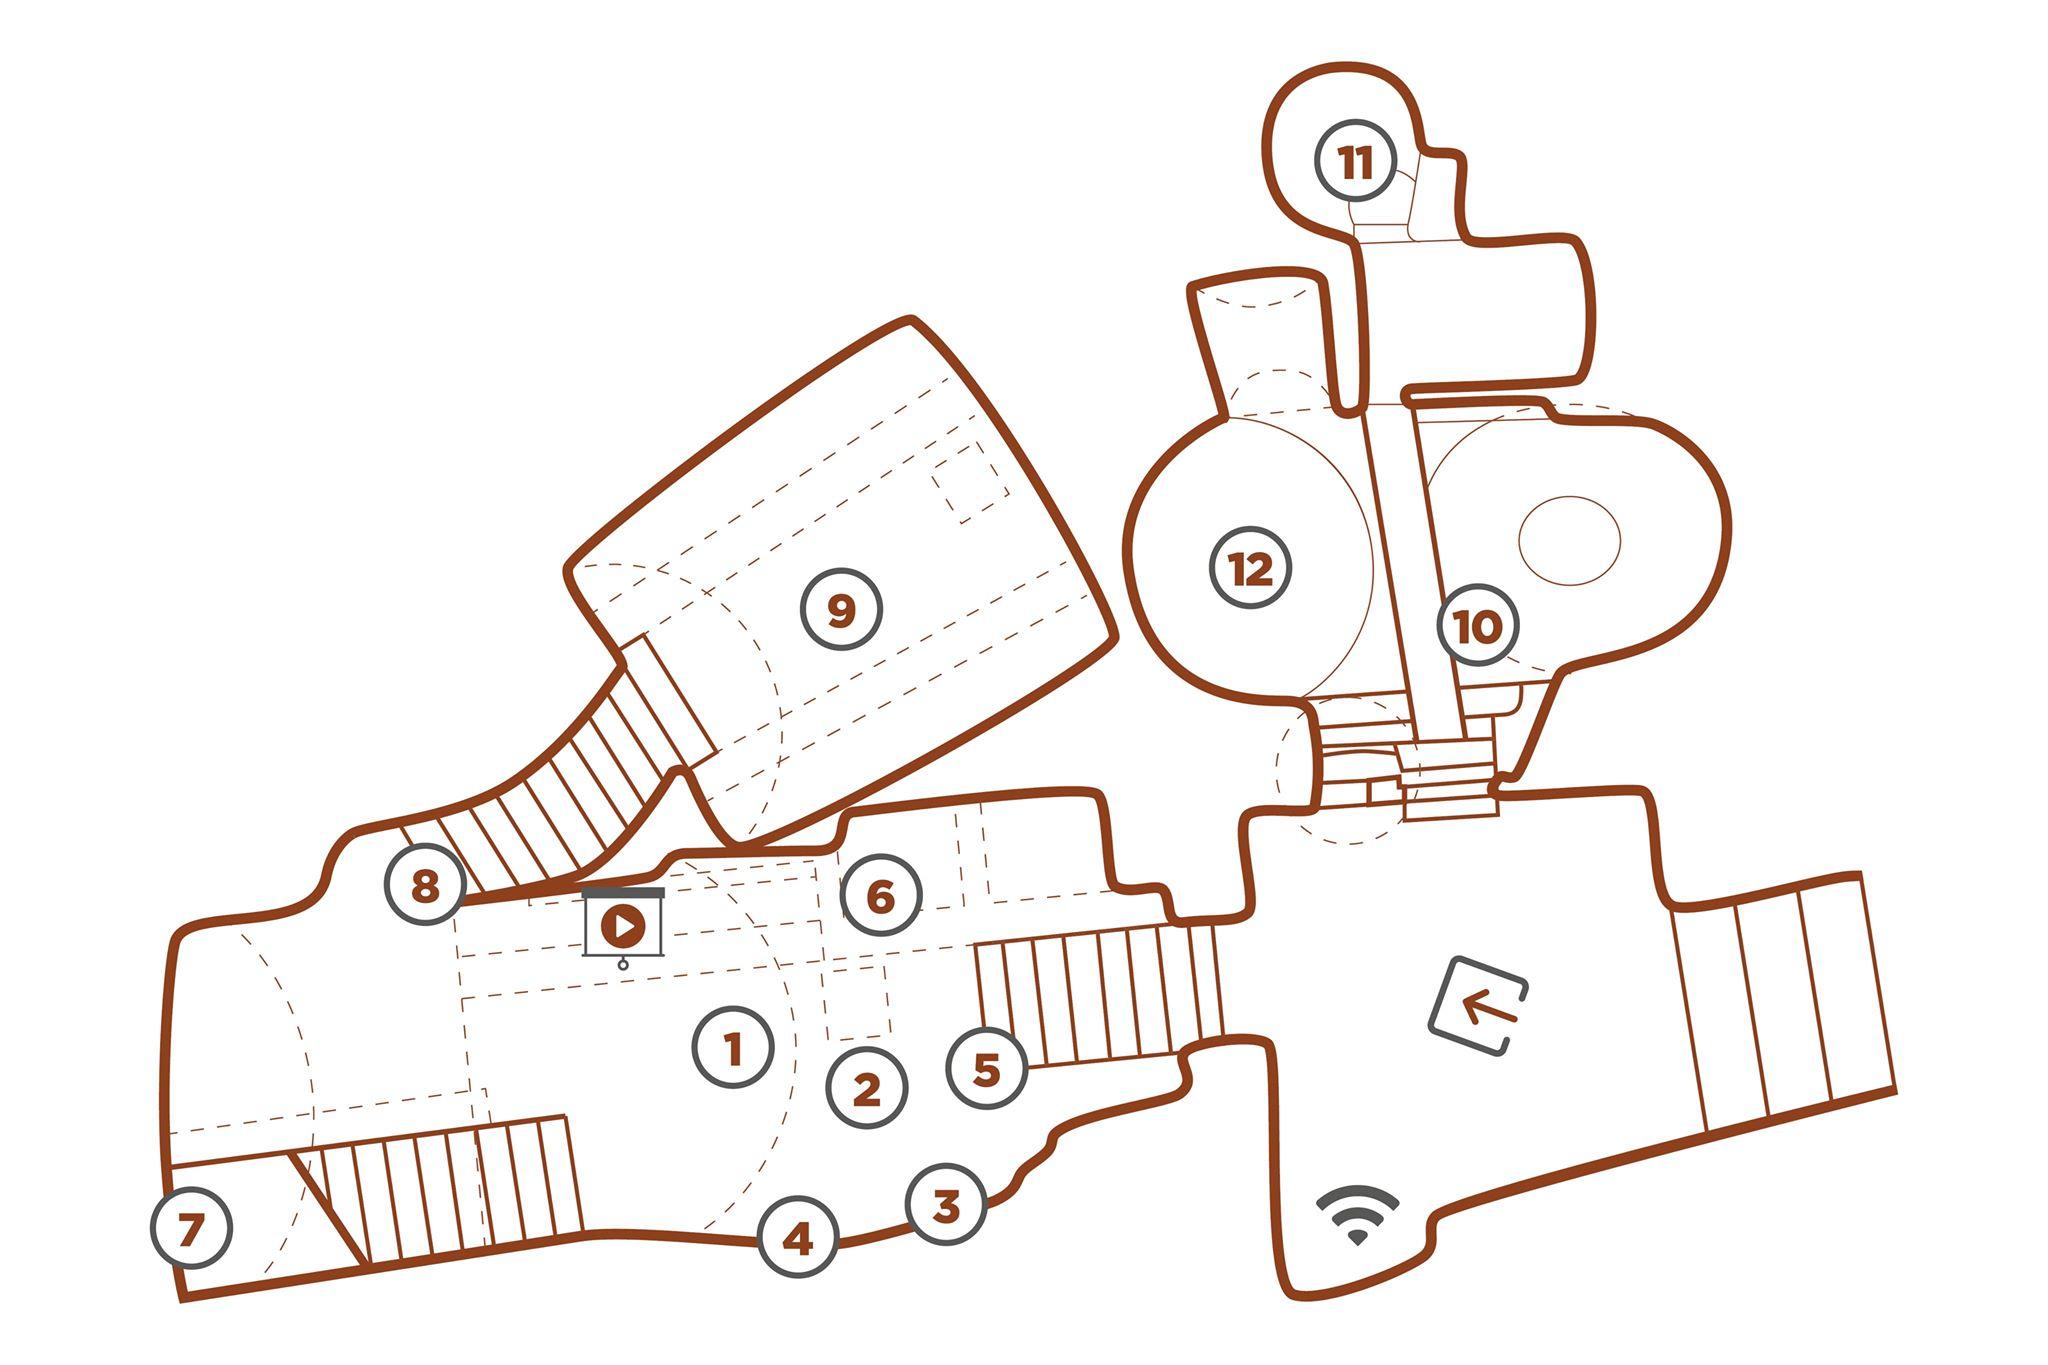 mappa-mudesca-museo-dello-scavo-matera-centro-museale-grotta-mostra-spazio-espositivo-sassi-basilicata